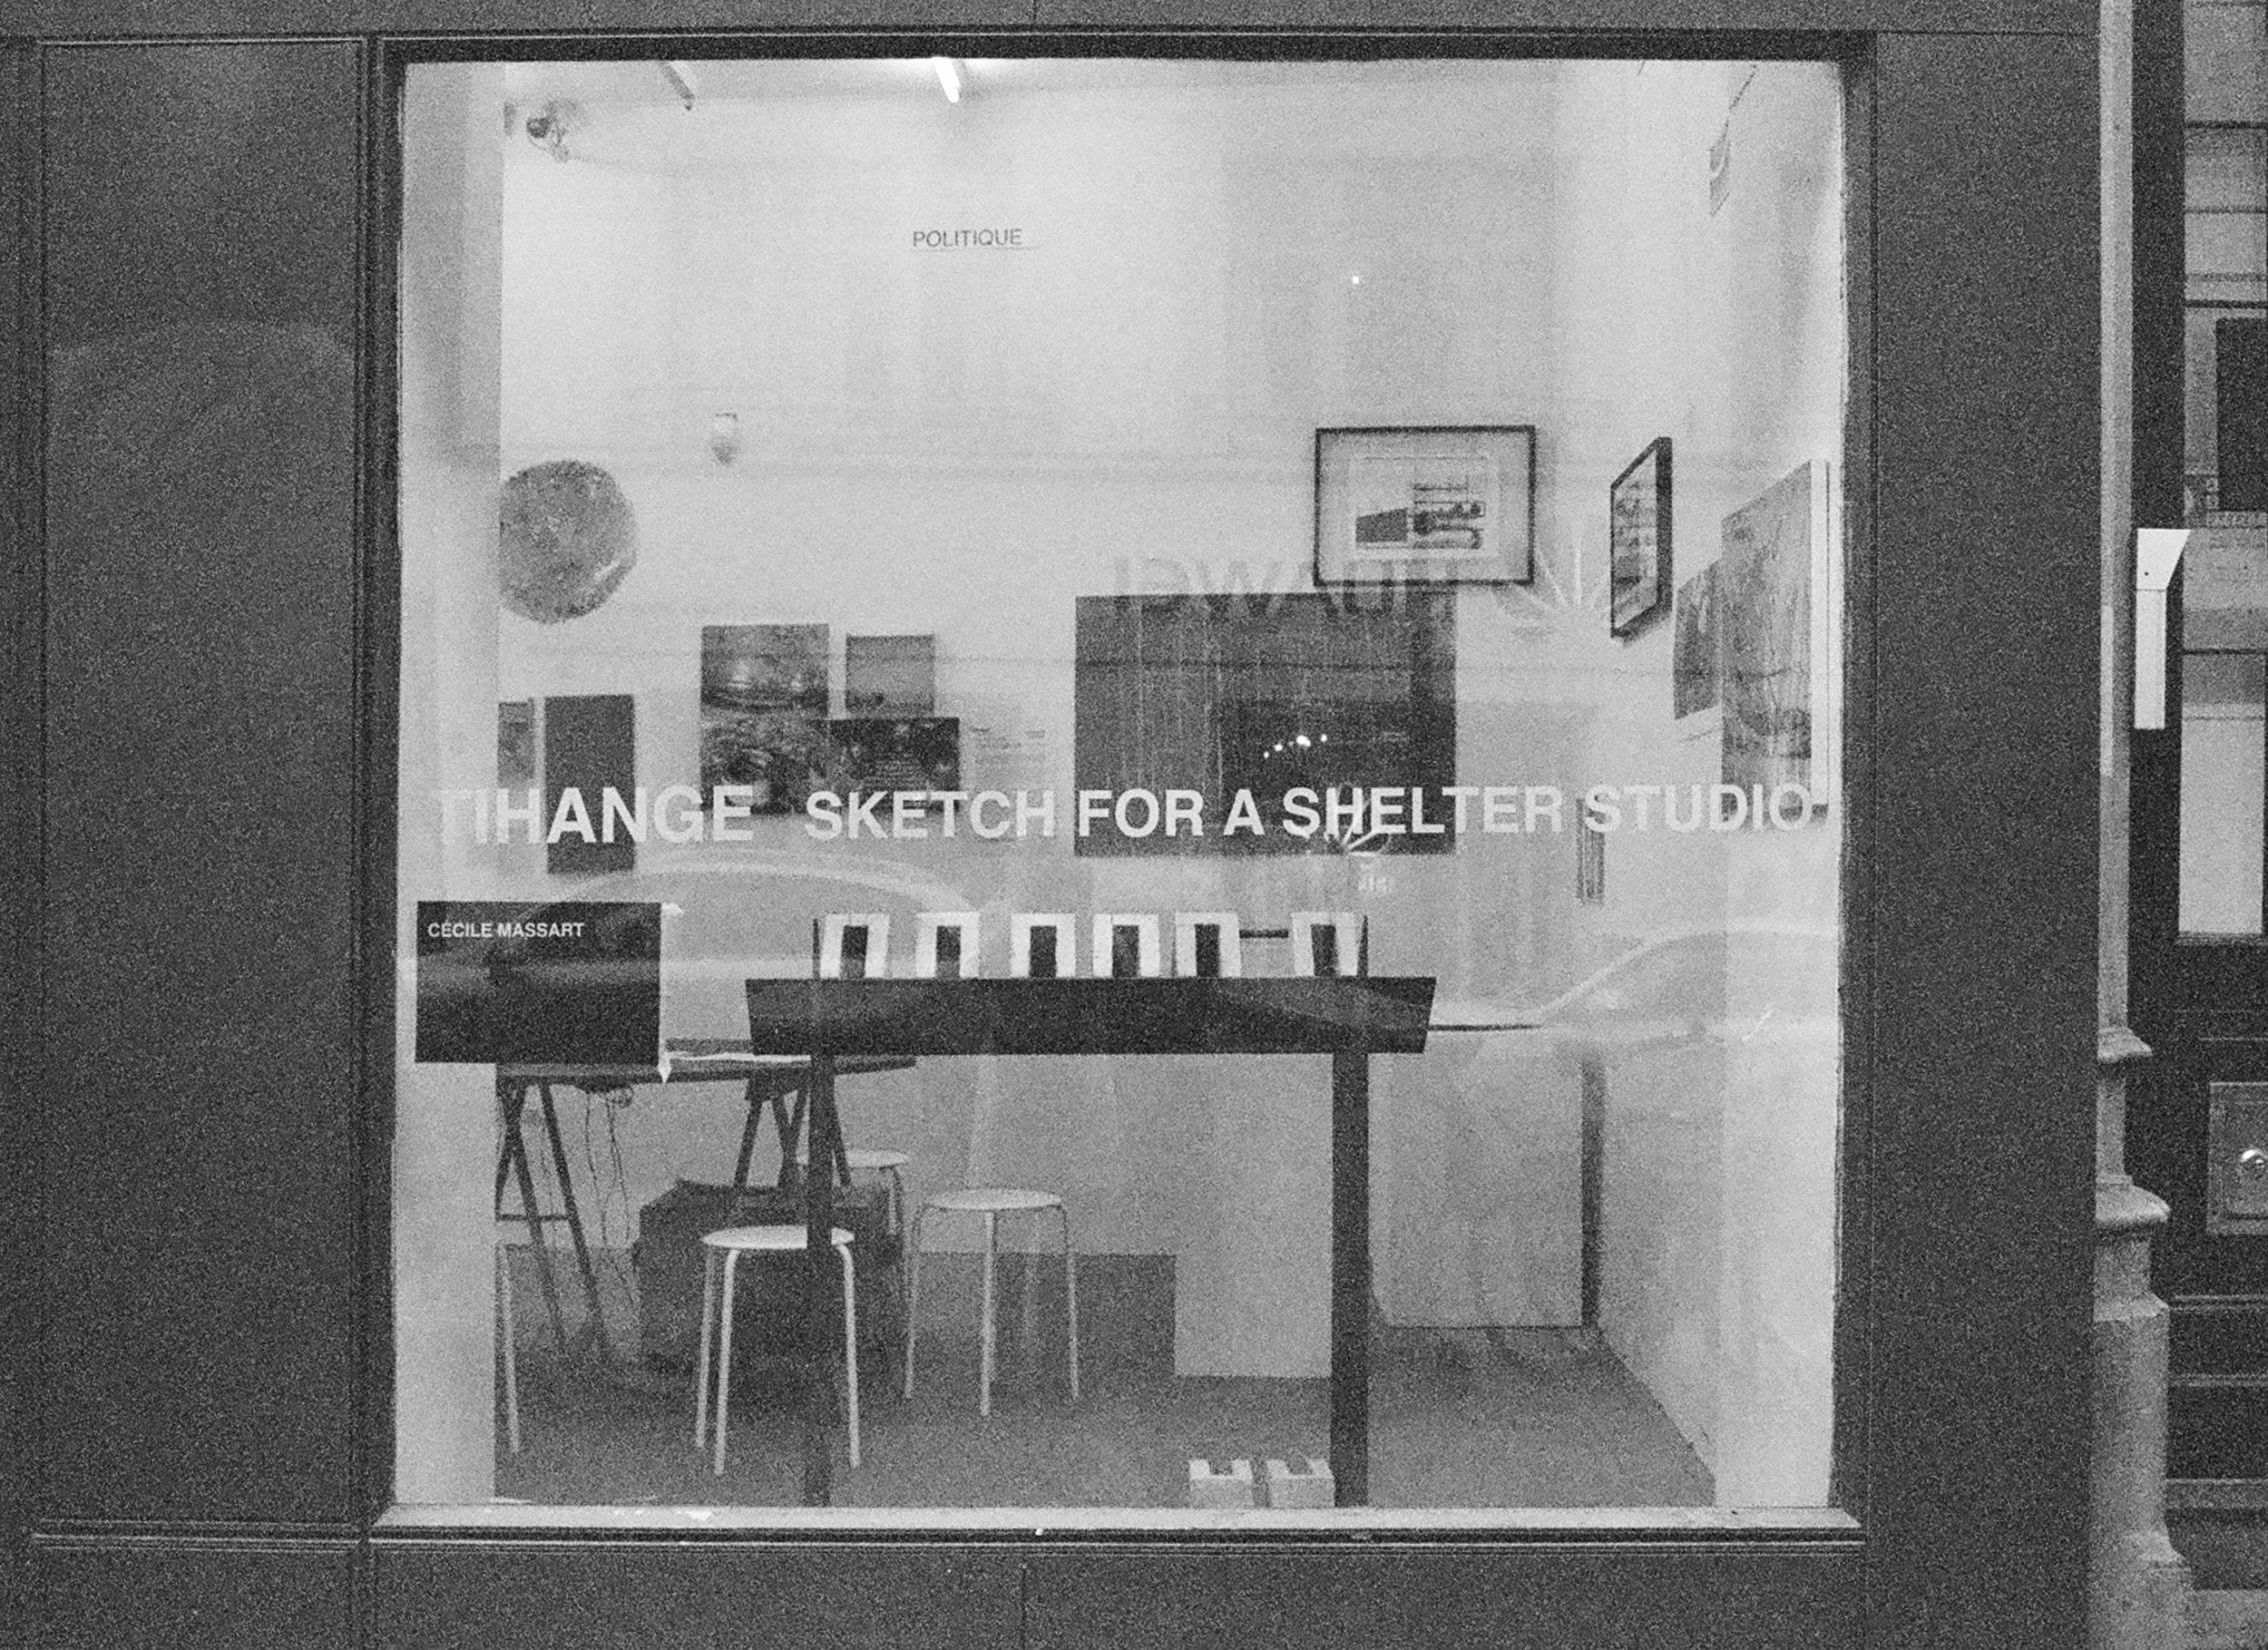 Vitrine de l'installation  Tihange - Sketch for a shelter studio  Espace de dialogue, d'information et de réflexion à l'attention des riverains.